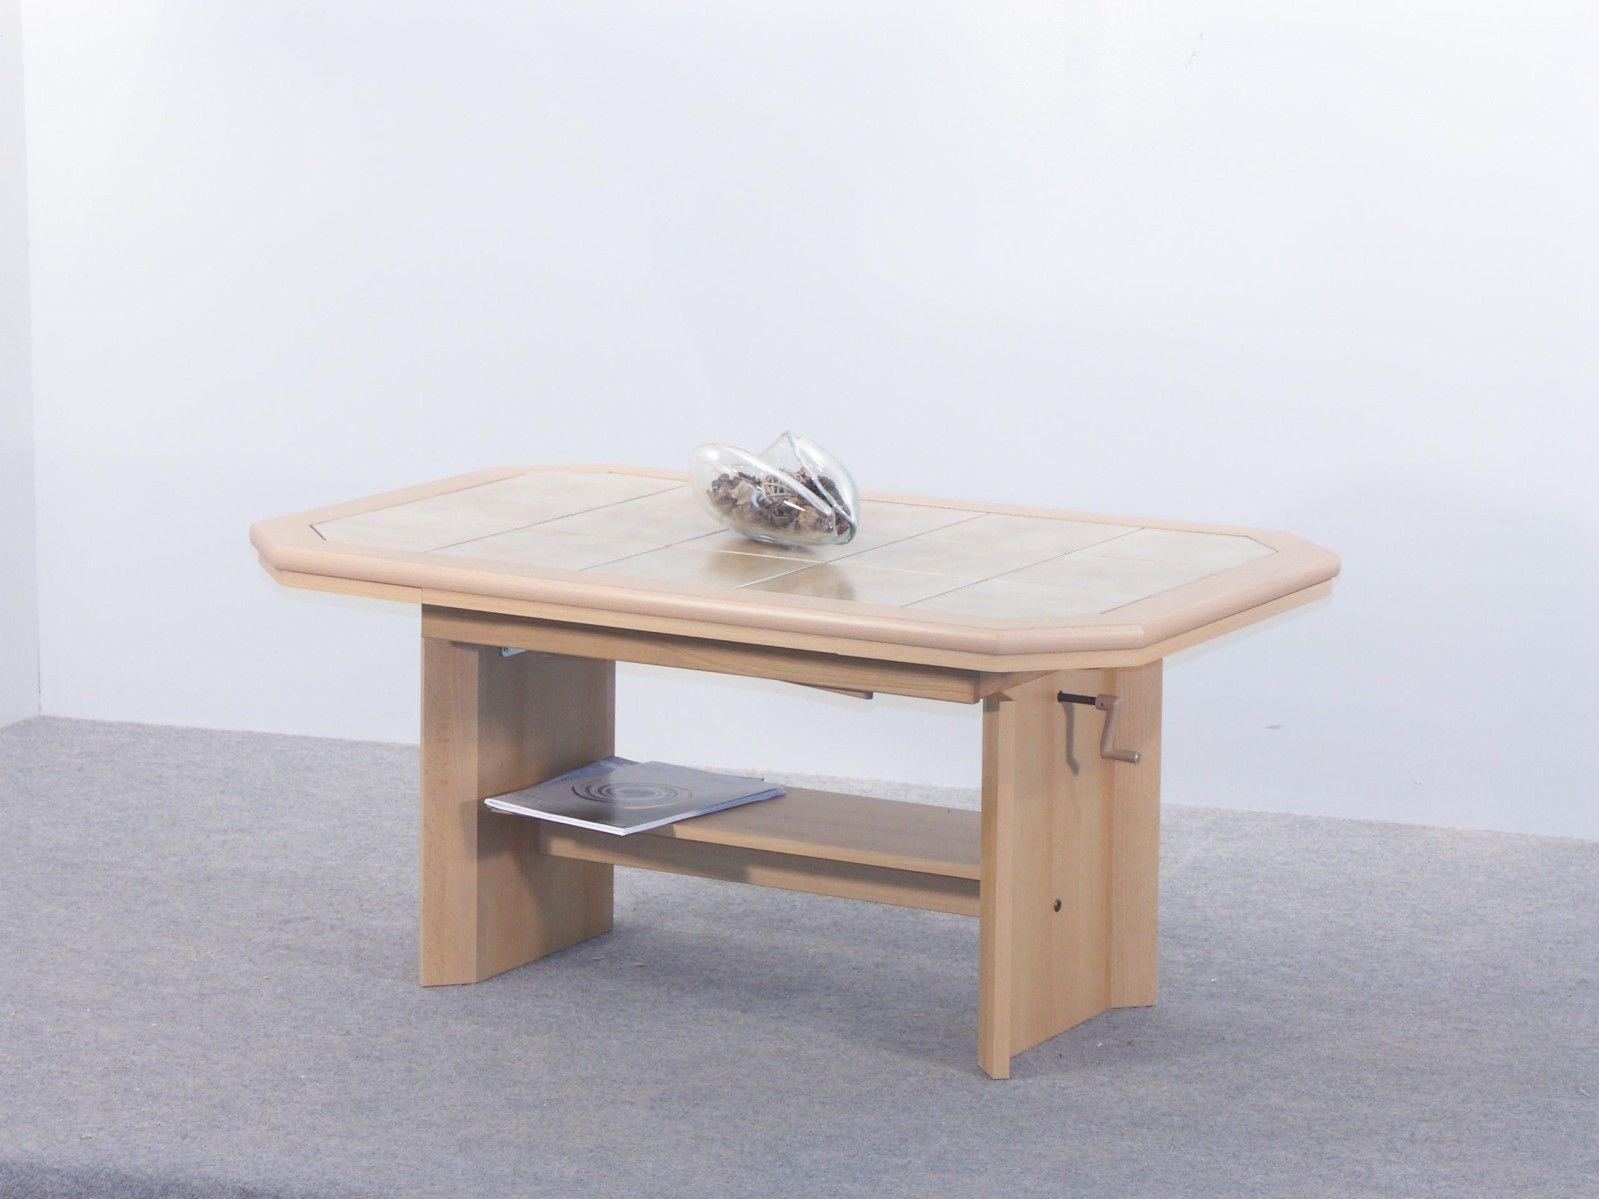 Couchtisch mit zwei funktionen maxi 115157 x 74 cm buche for Couchtisch buche nachbildung